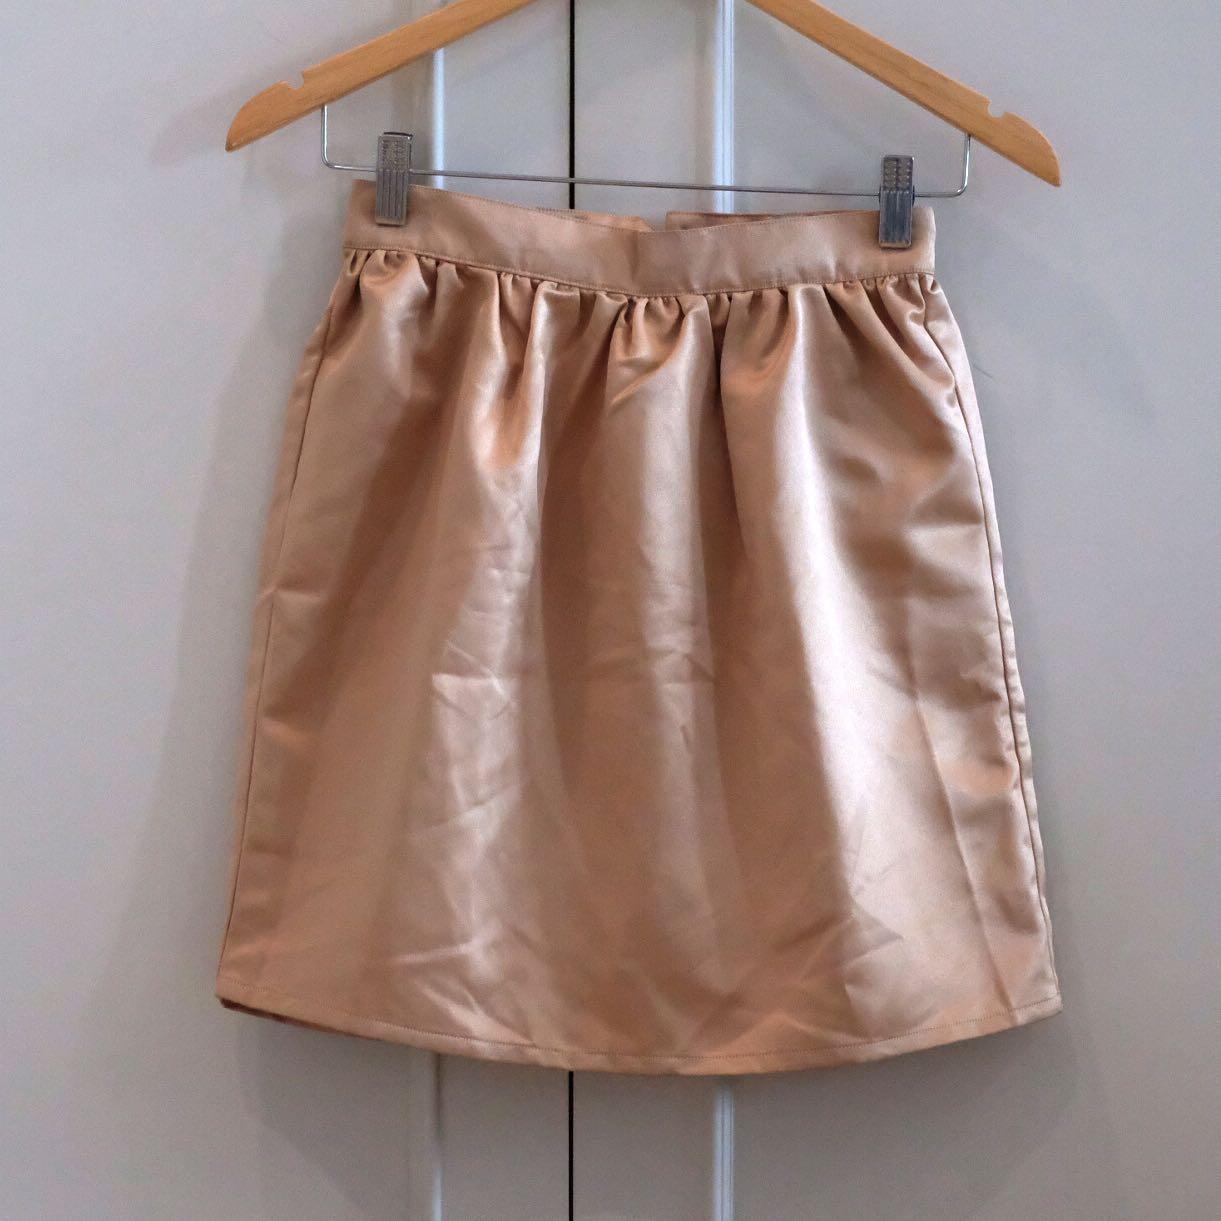 Golden skirt size S